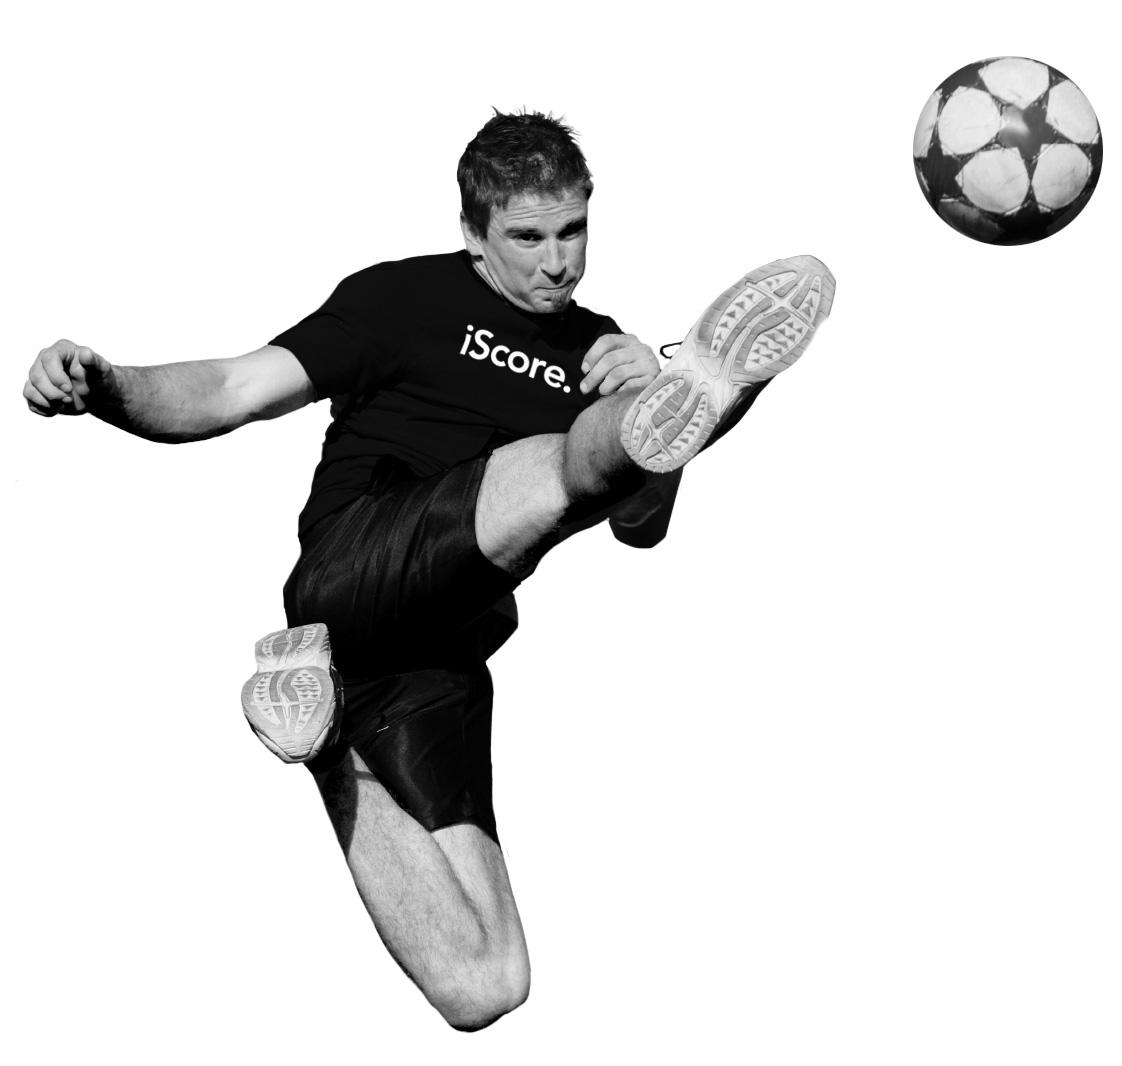 istyle_soccer_guy.jpg